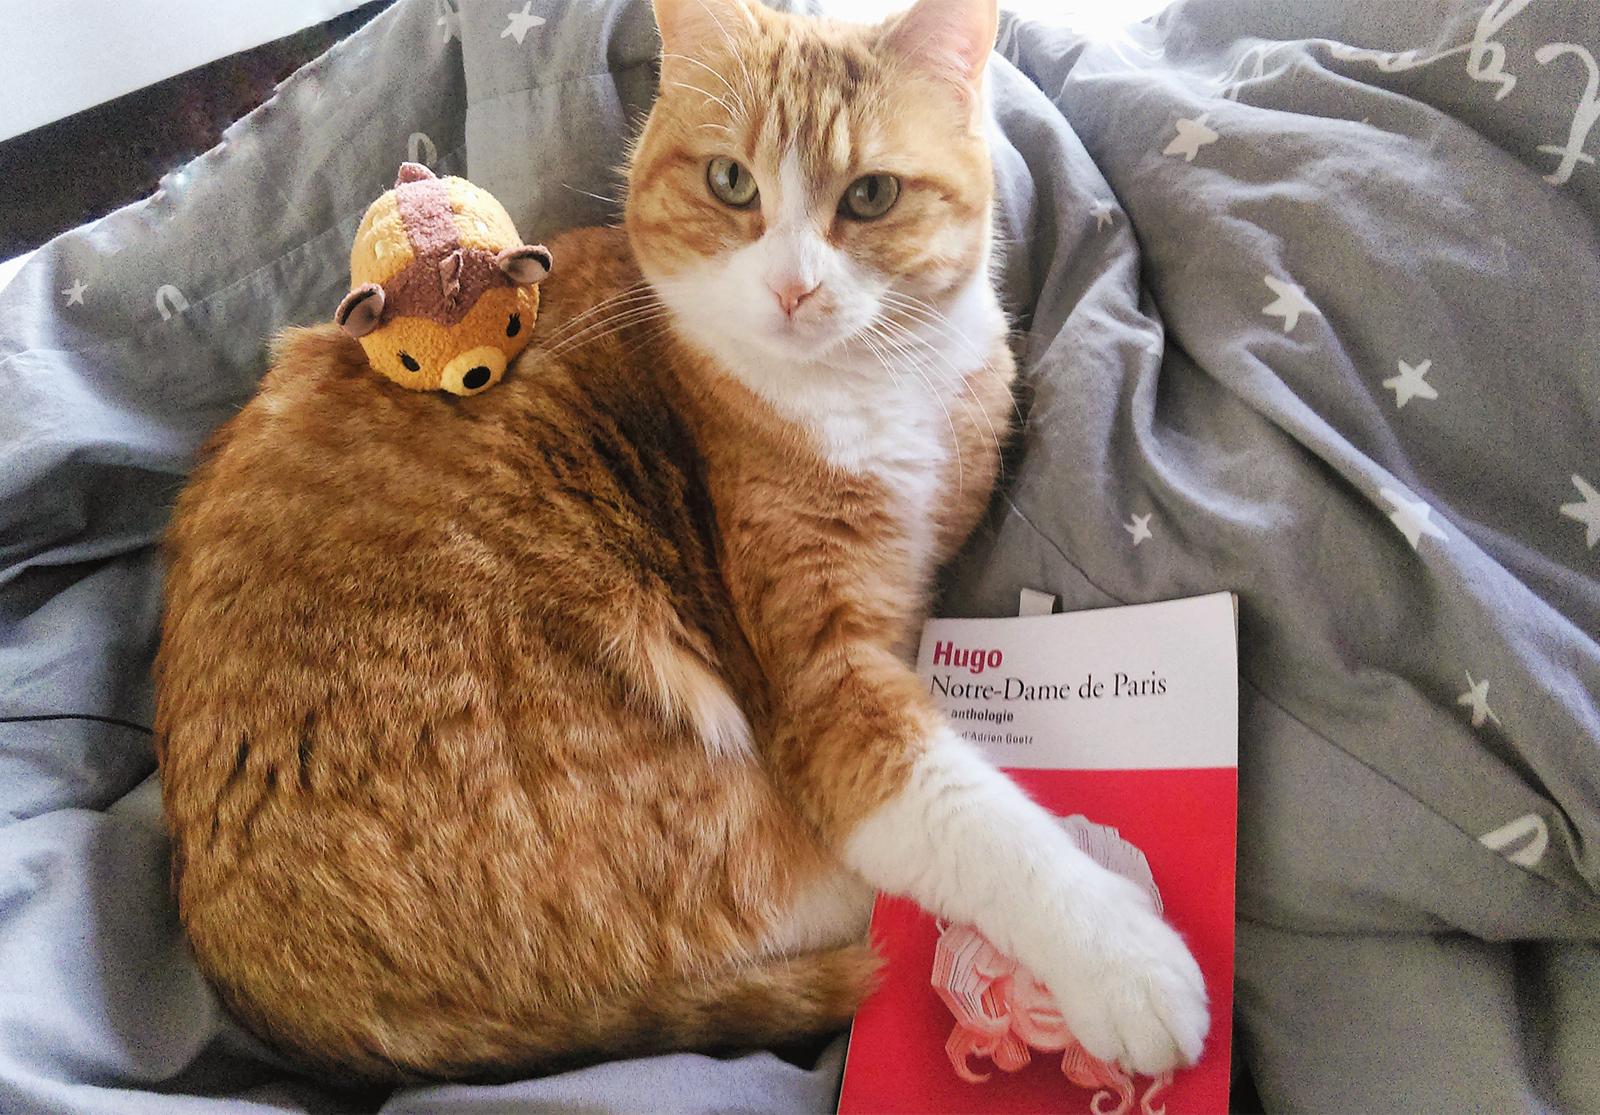 Notre-Dame de Paris éditions Folio chat tsum tsum livre Coin des licornes Blogueuses littéraires Toulouse